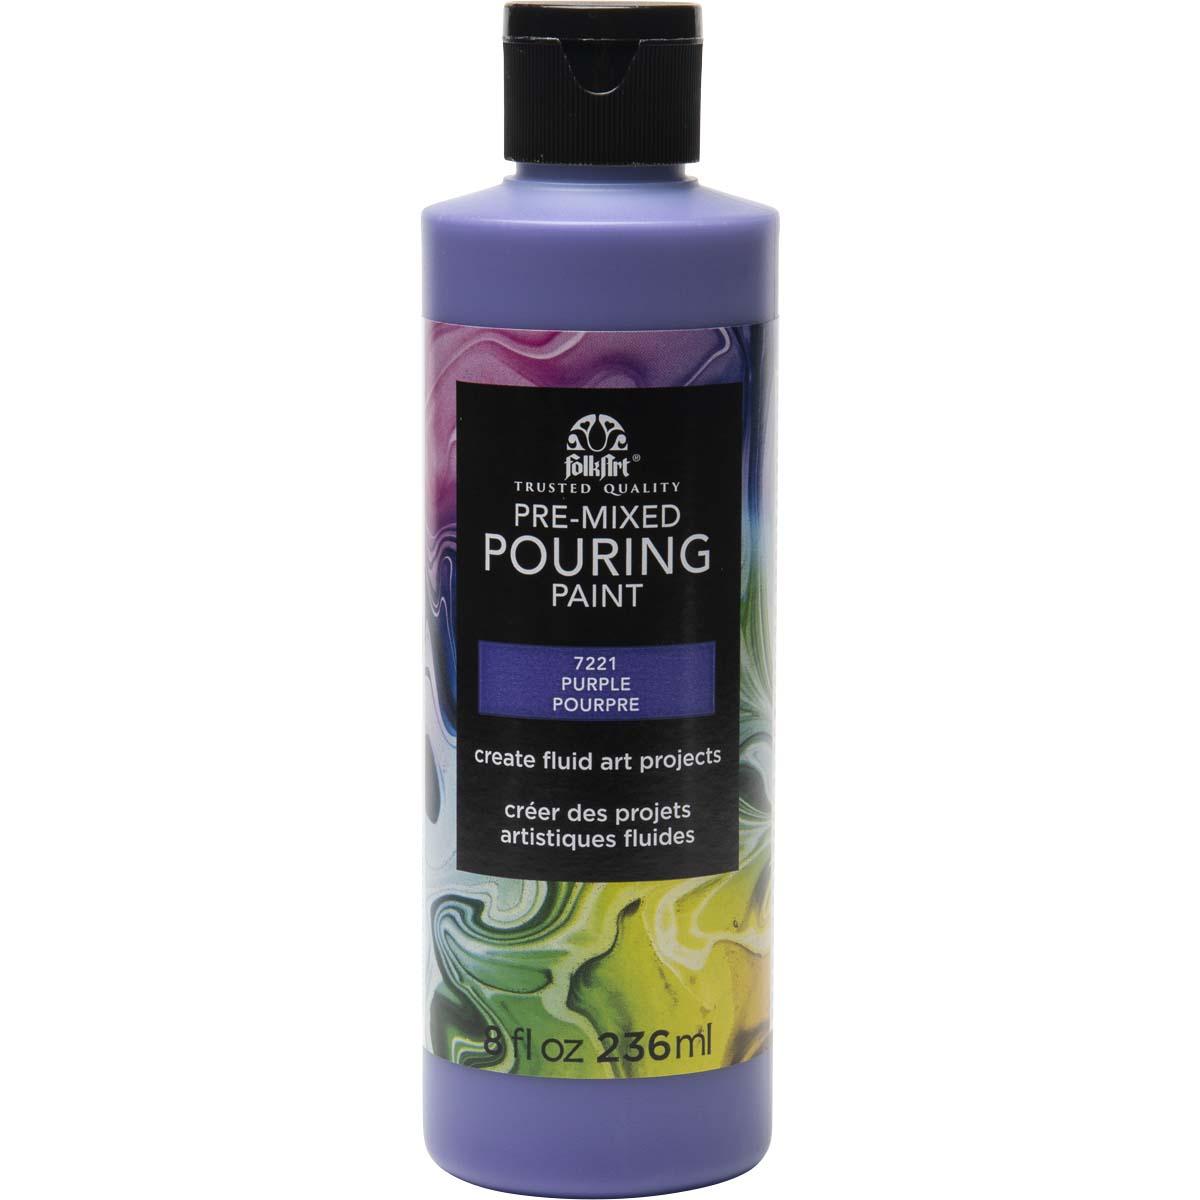 FolkArt ® Pre-mixed Pouring Paint - Purple, 8 oz.